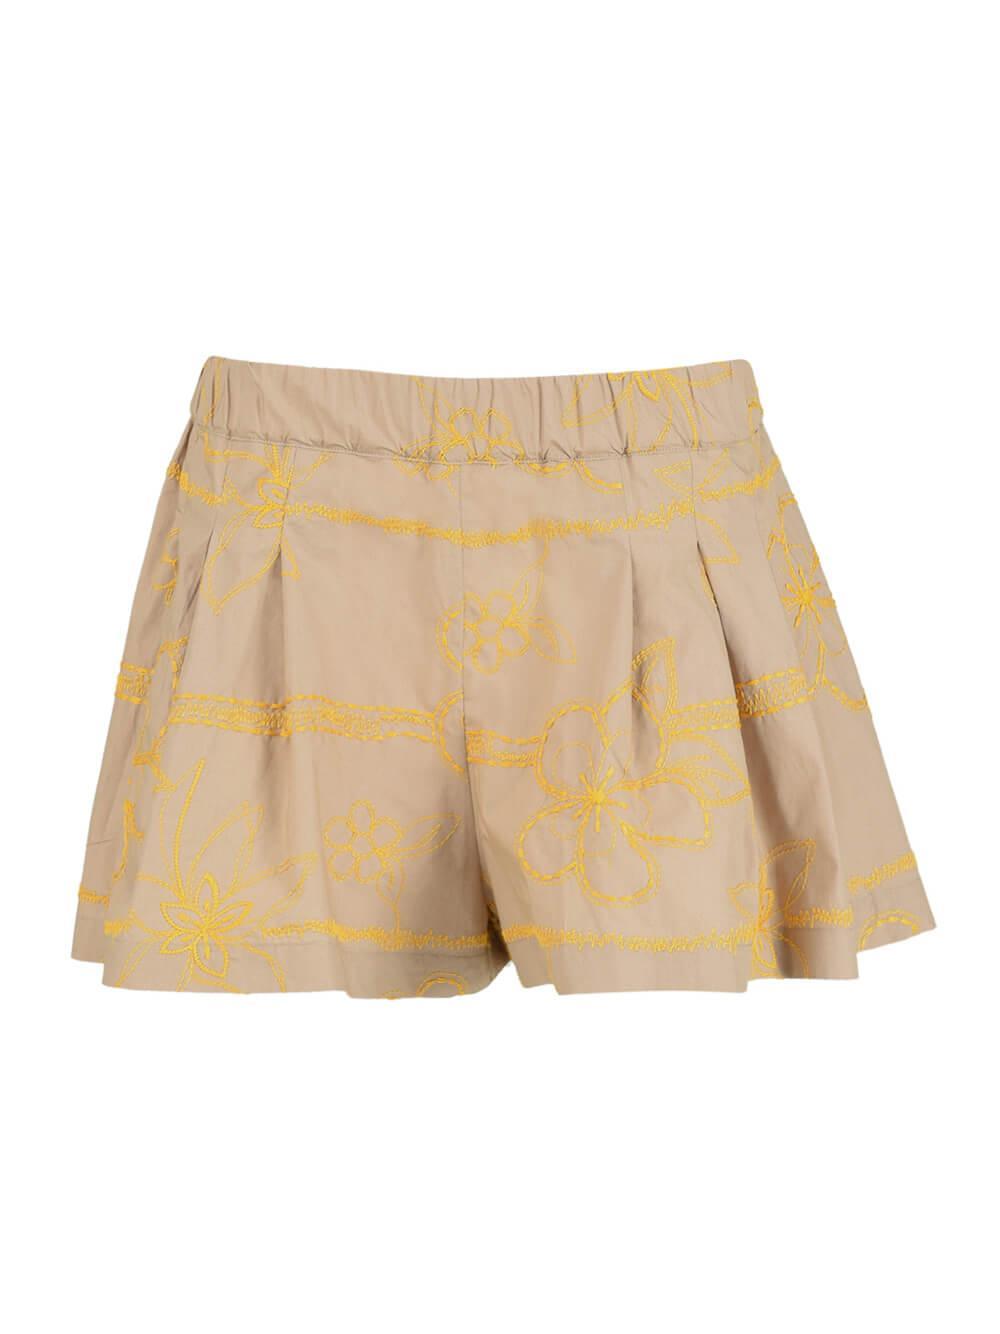 Hibiscus Short Item # 7702931-26